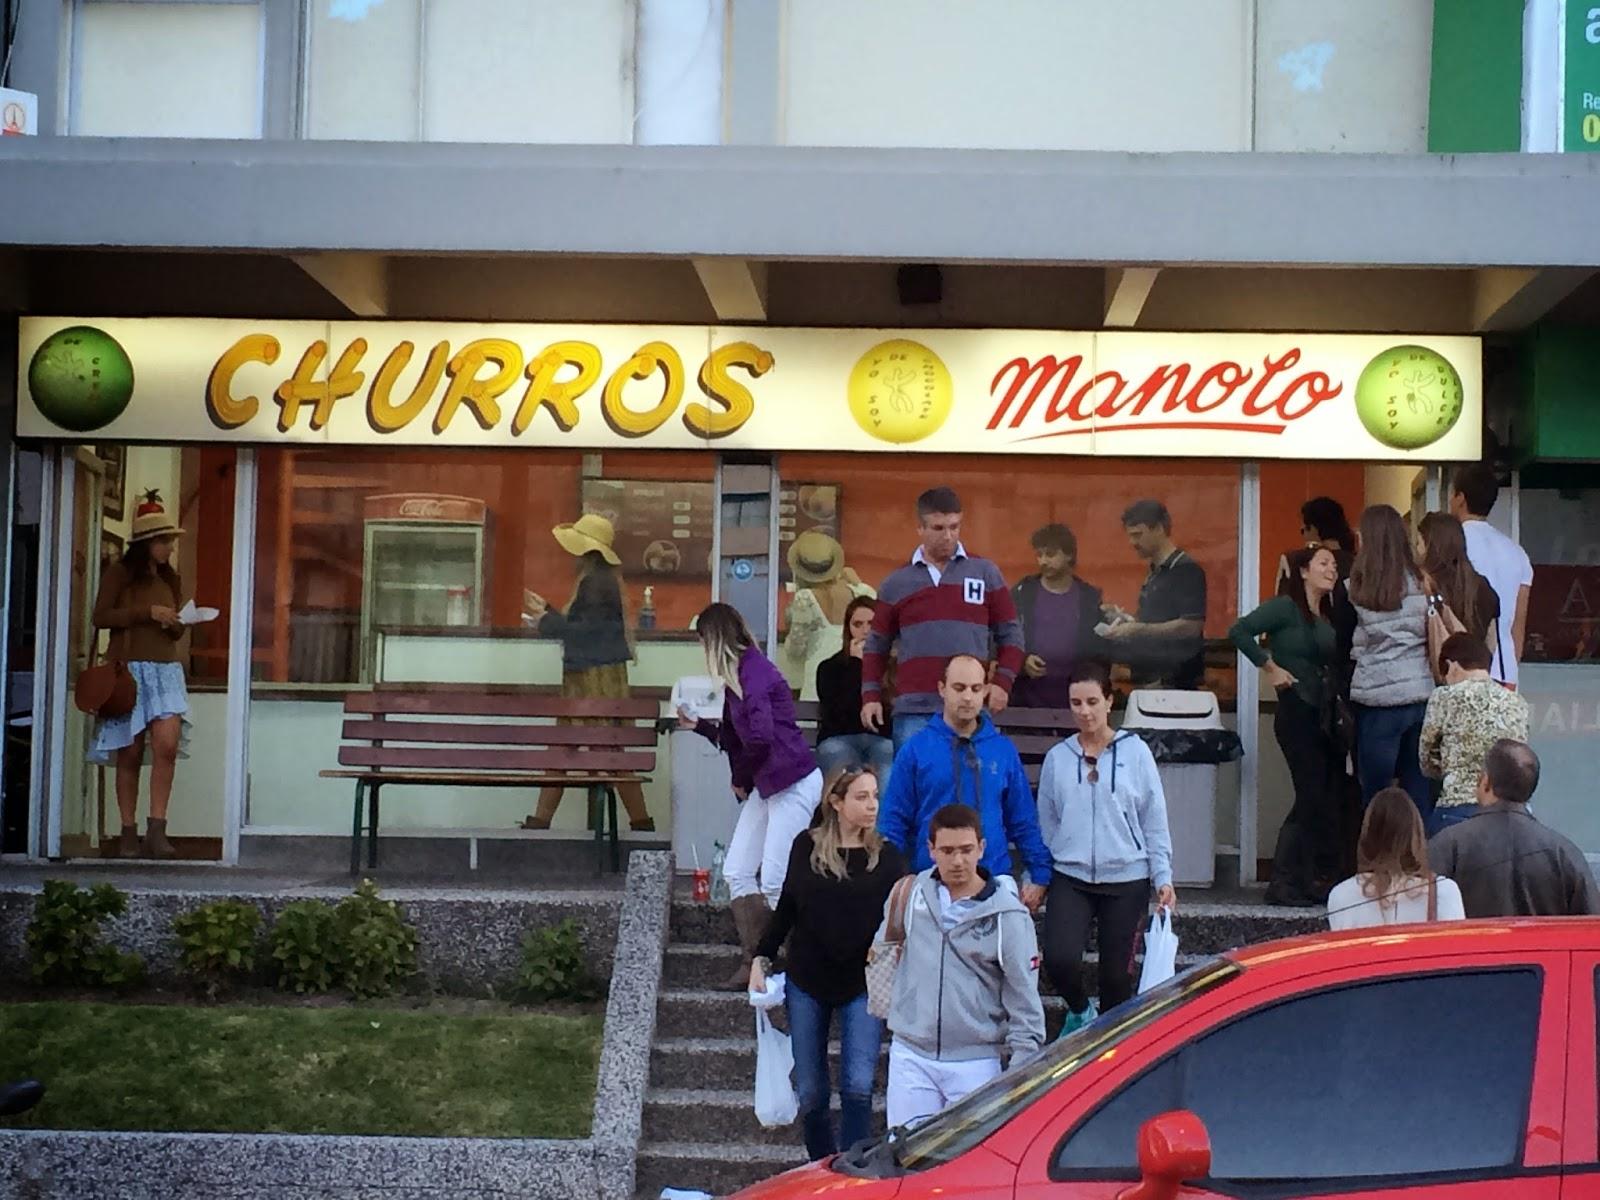 Churros Manolo, Punta Del Este, Uy, Uruguai